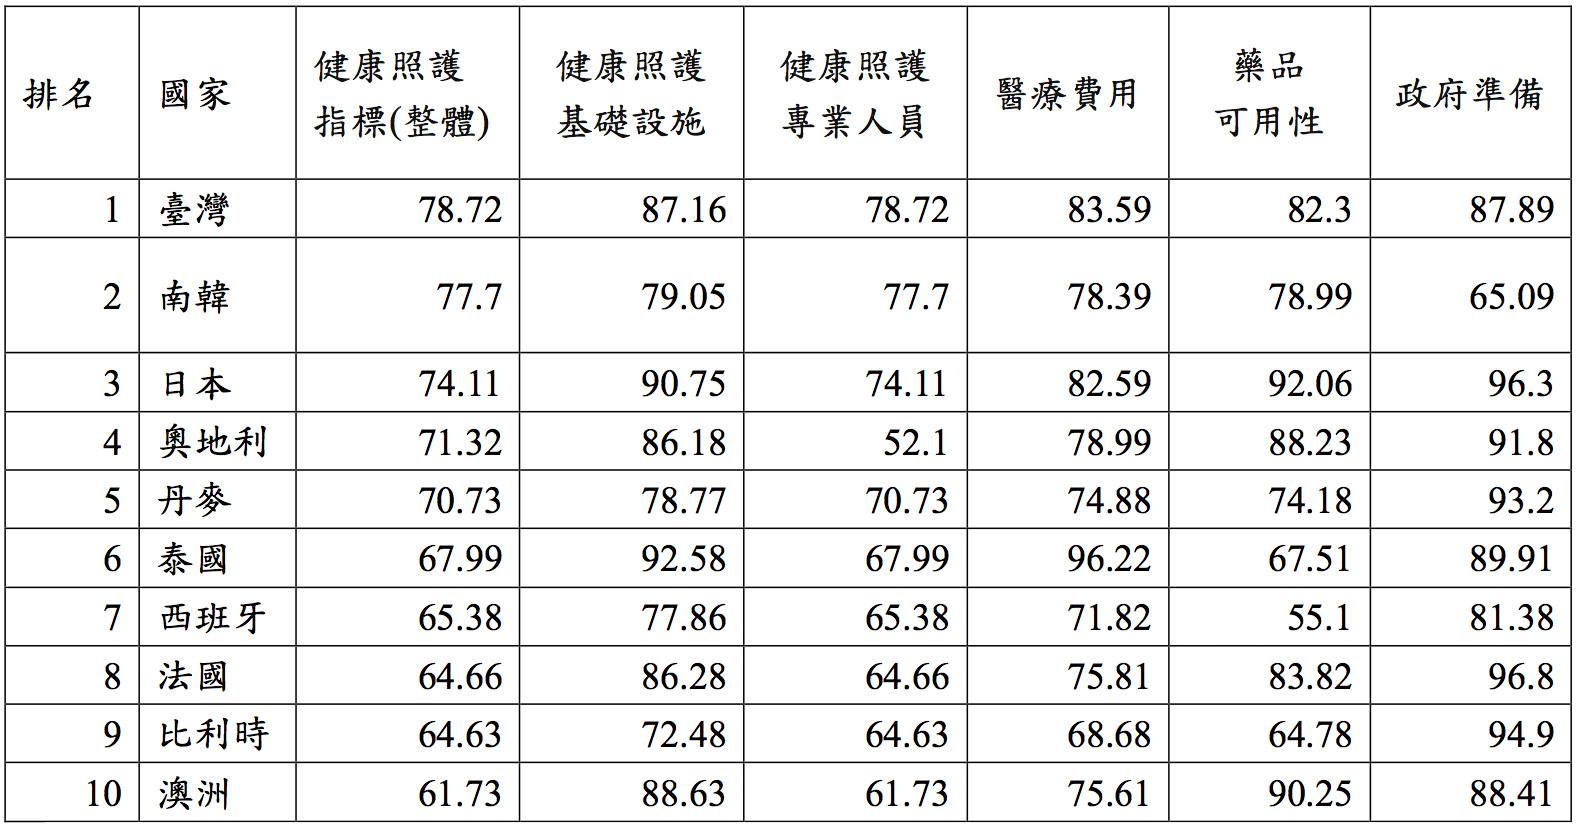 ▲又贏韓國!台灣「健康照護體系」世界第一 前10名有這些國家。(圖/健保署提供)